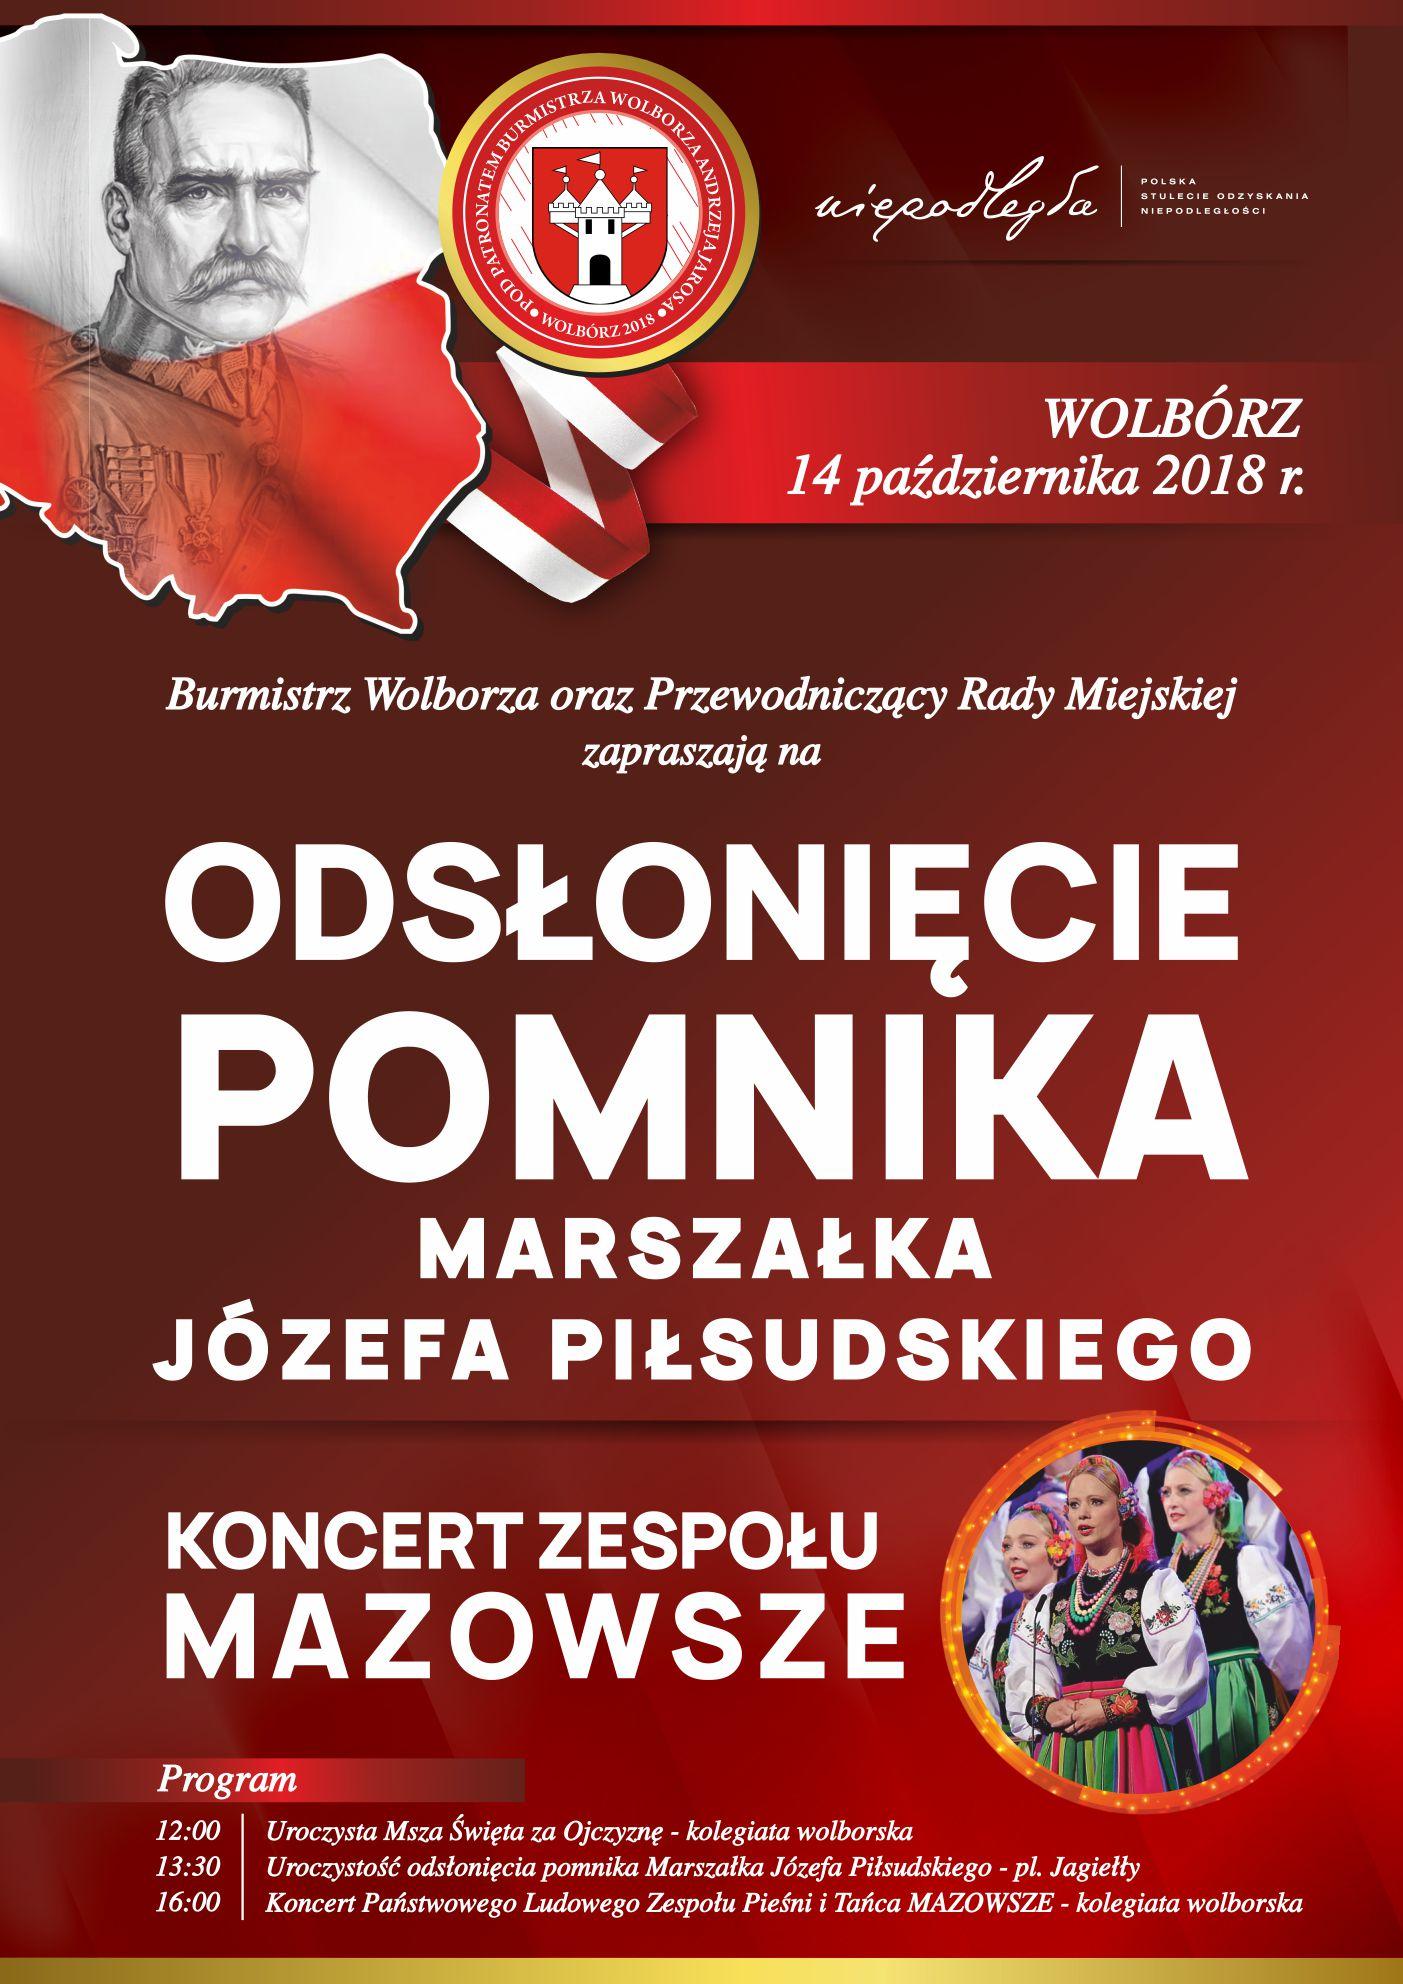 Photo of Koncert Mazowsza i odsłonięcie pomnika w Wolborzu